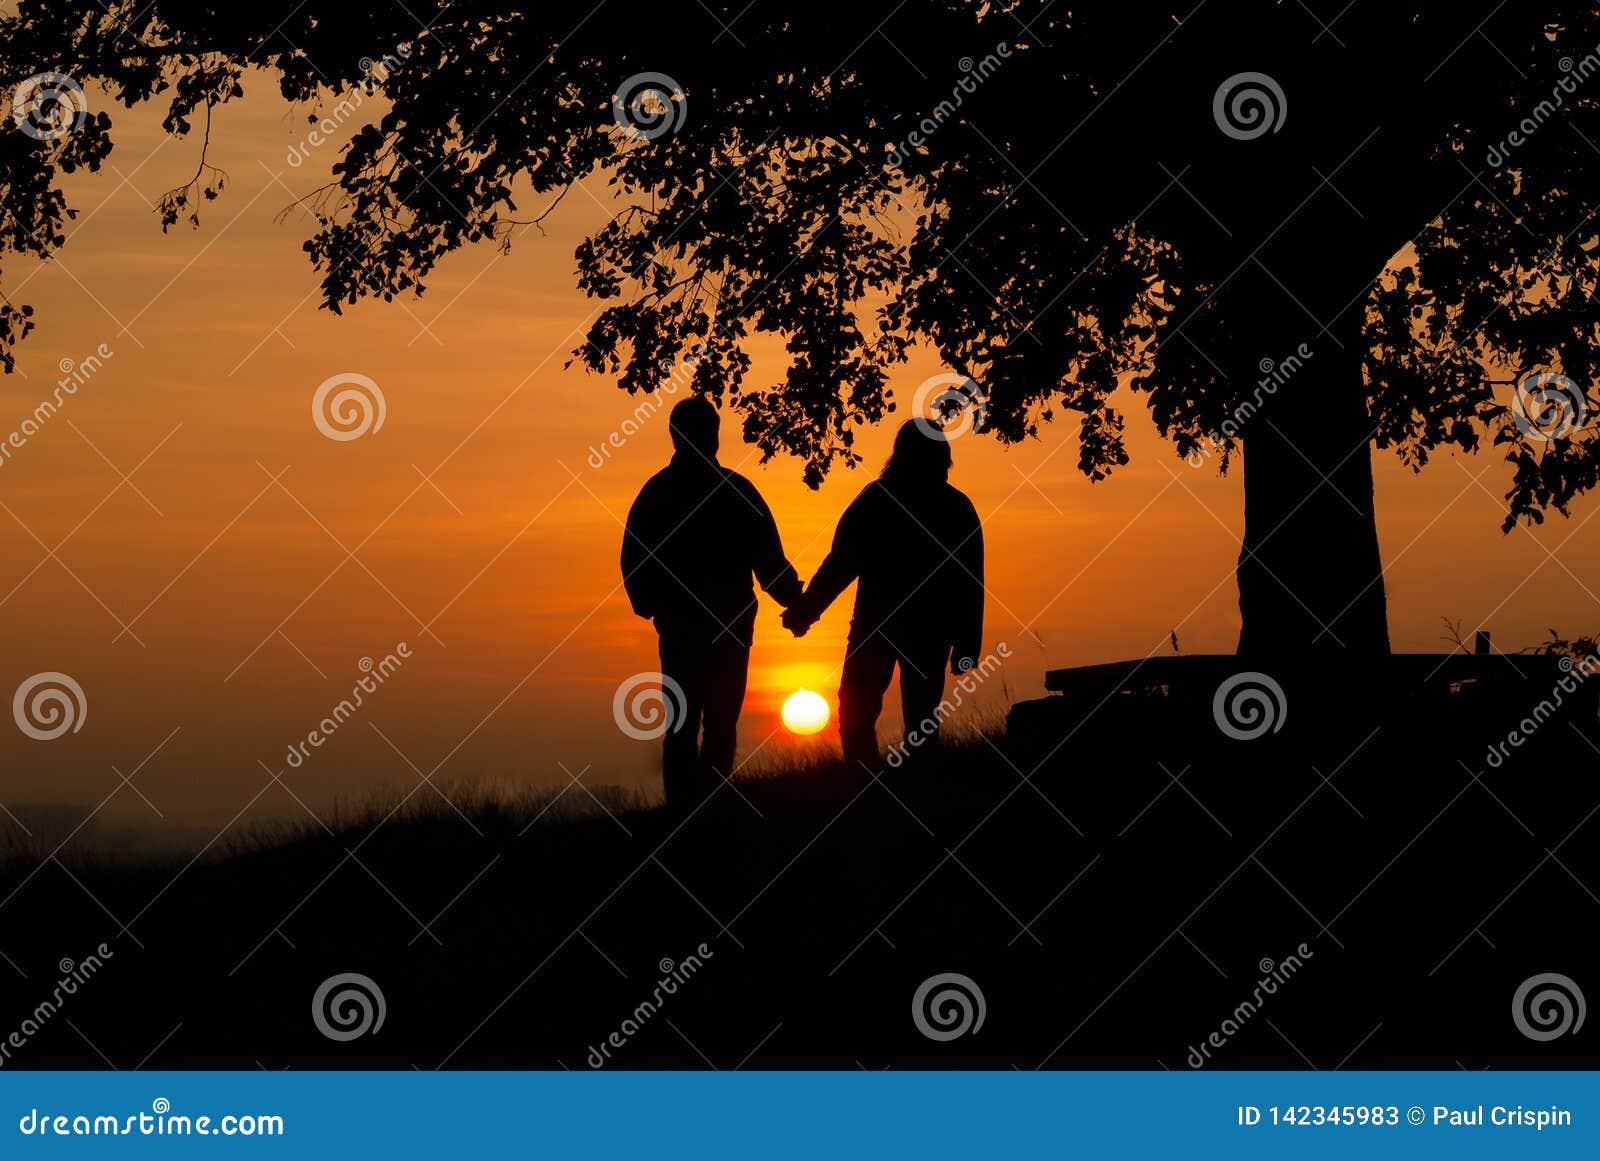 Любовники в заходе солнца